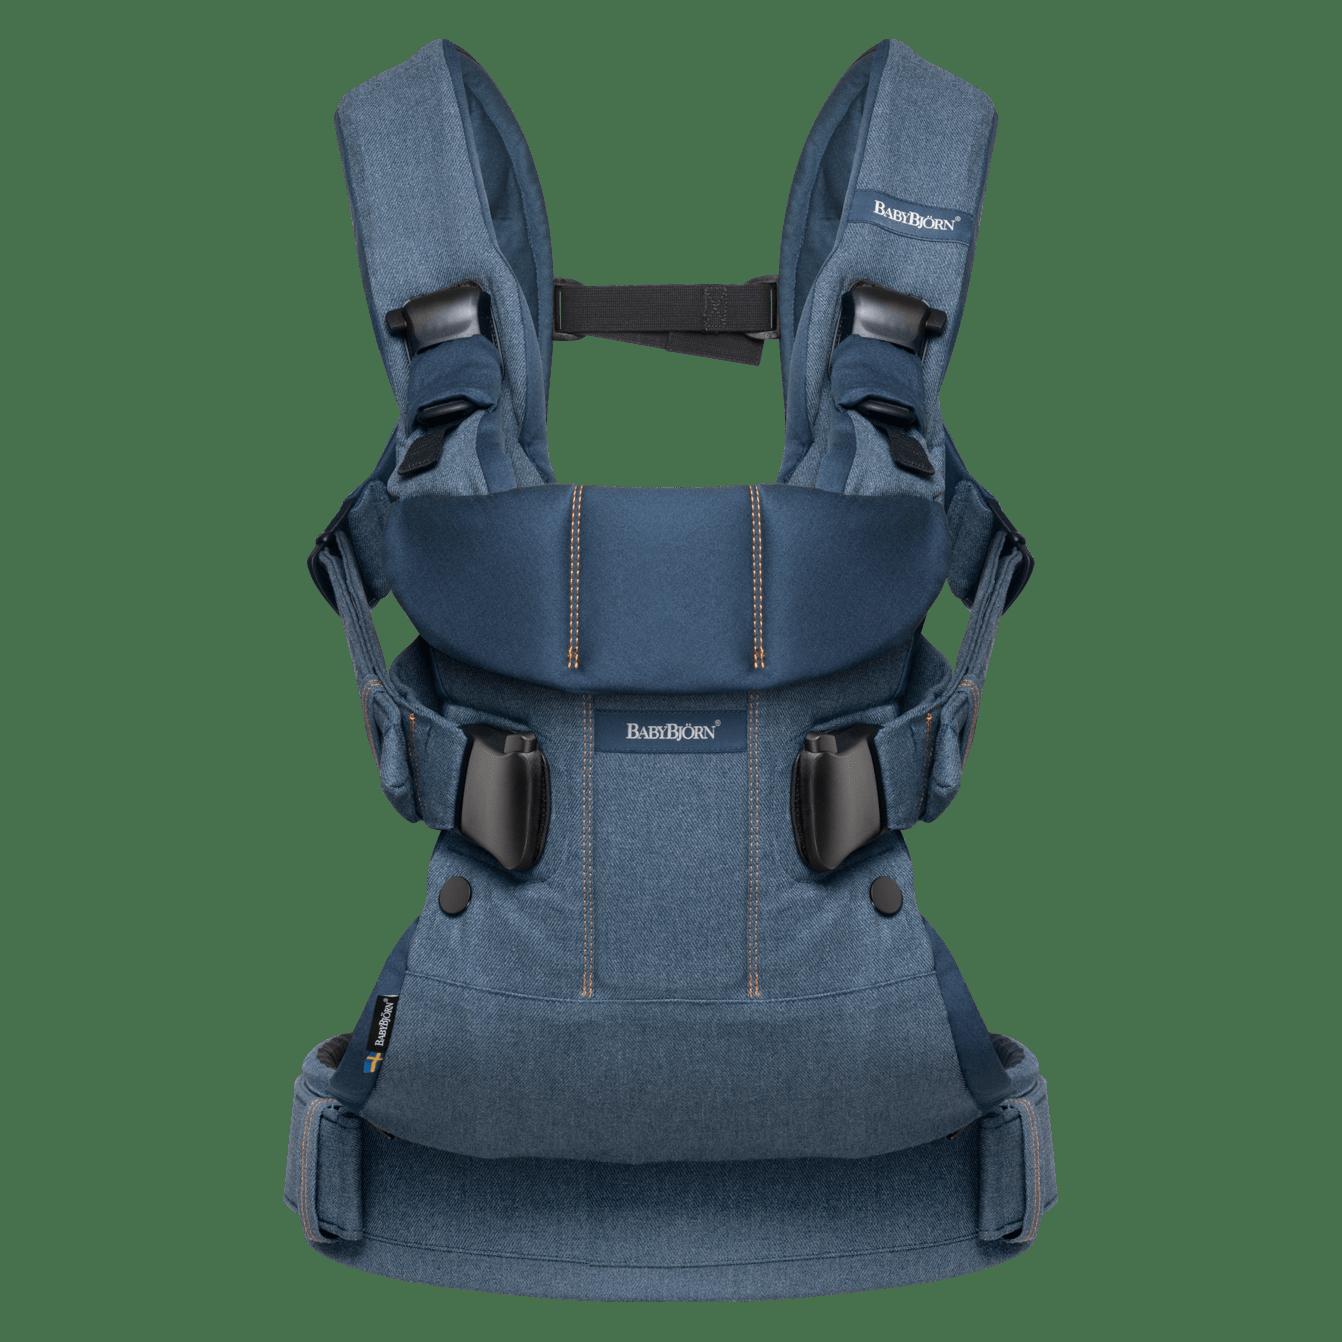 BABYBJÖRN Bärsele One Air i klassisk denim/midnattsblå cotton mix, en ergonomisk bärsele i för nyfödda och upp till 3 års ålder.